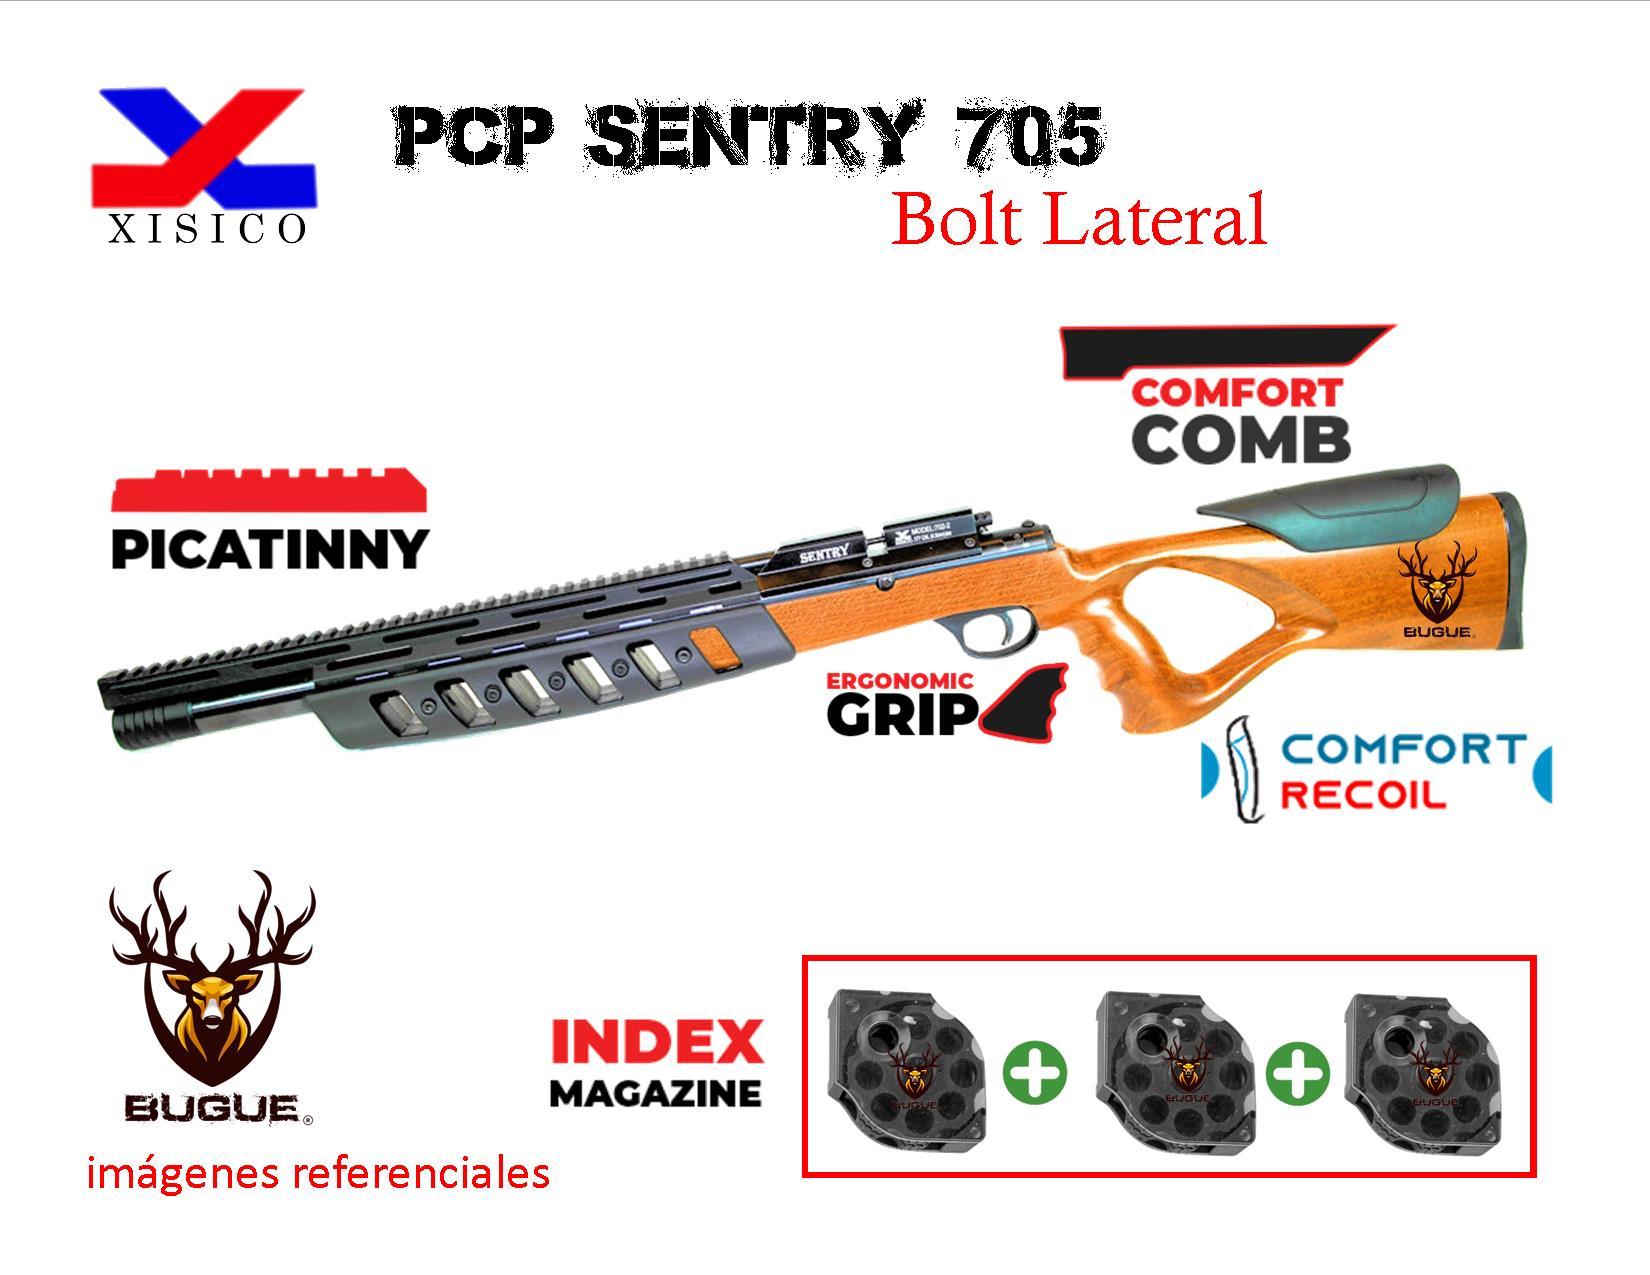 Sentry PCP Modelo 705 calibre 5.5 mm